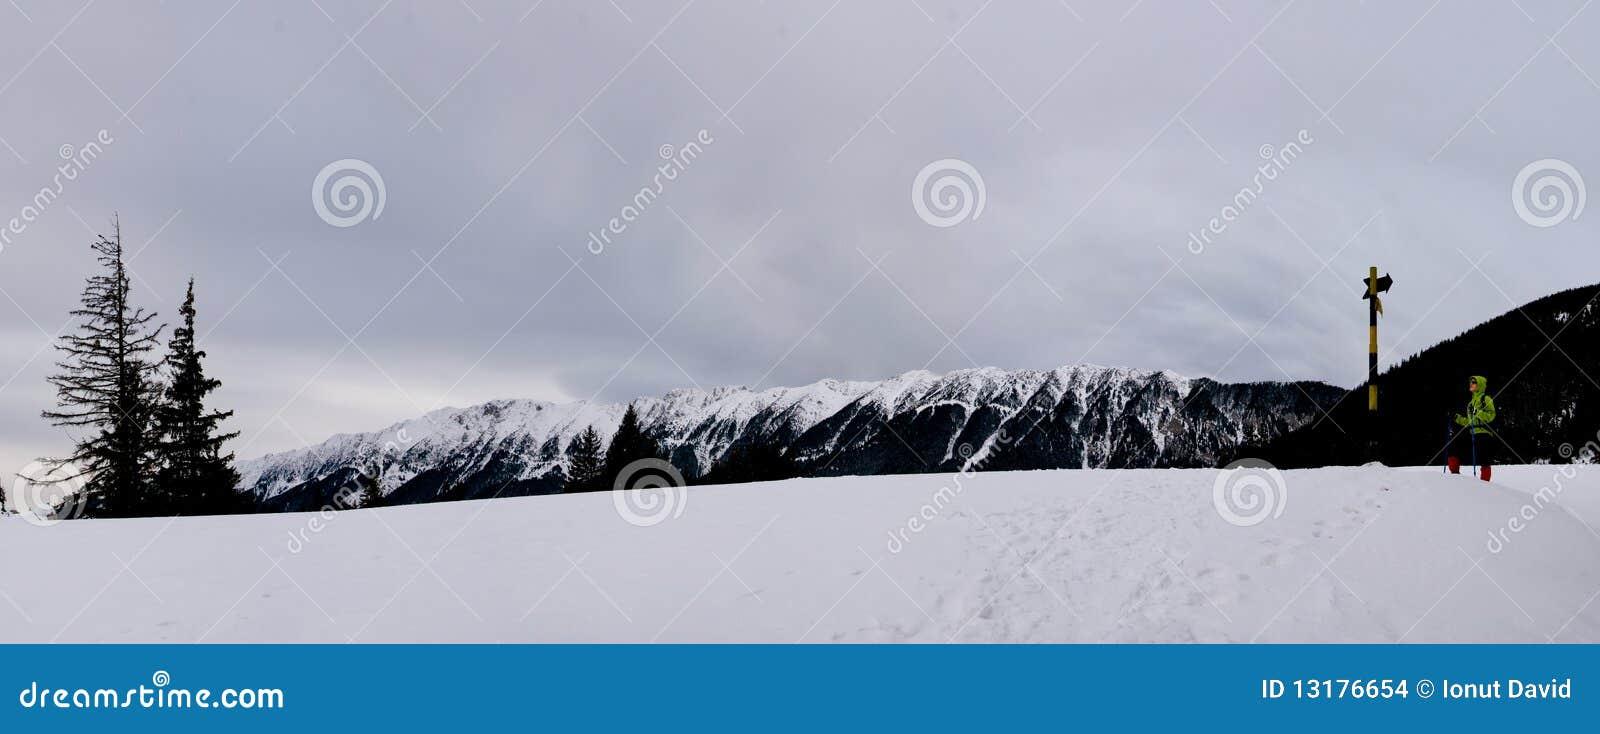 Piatra βουνών craiului